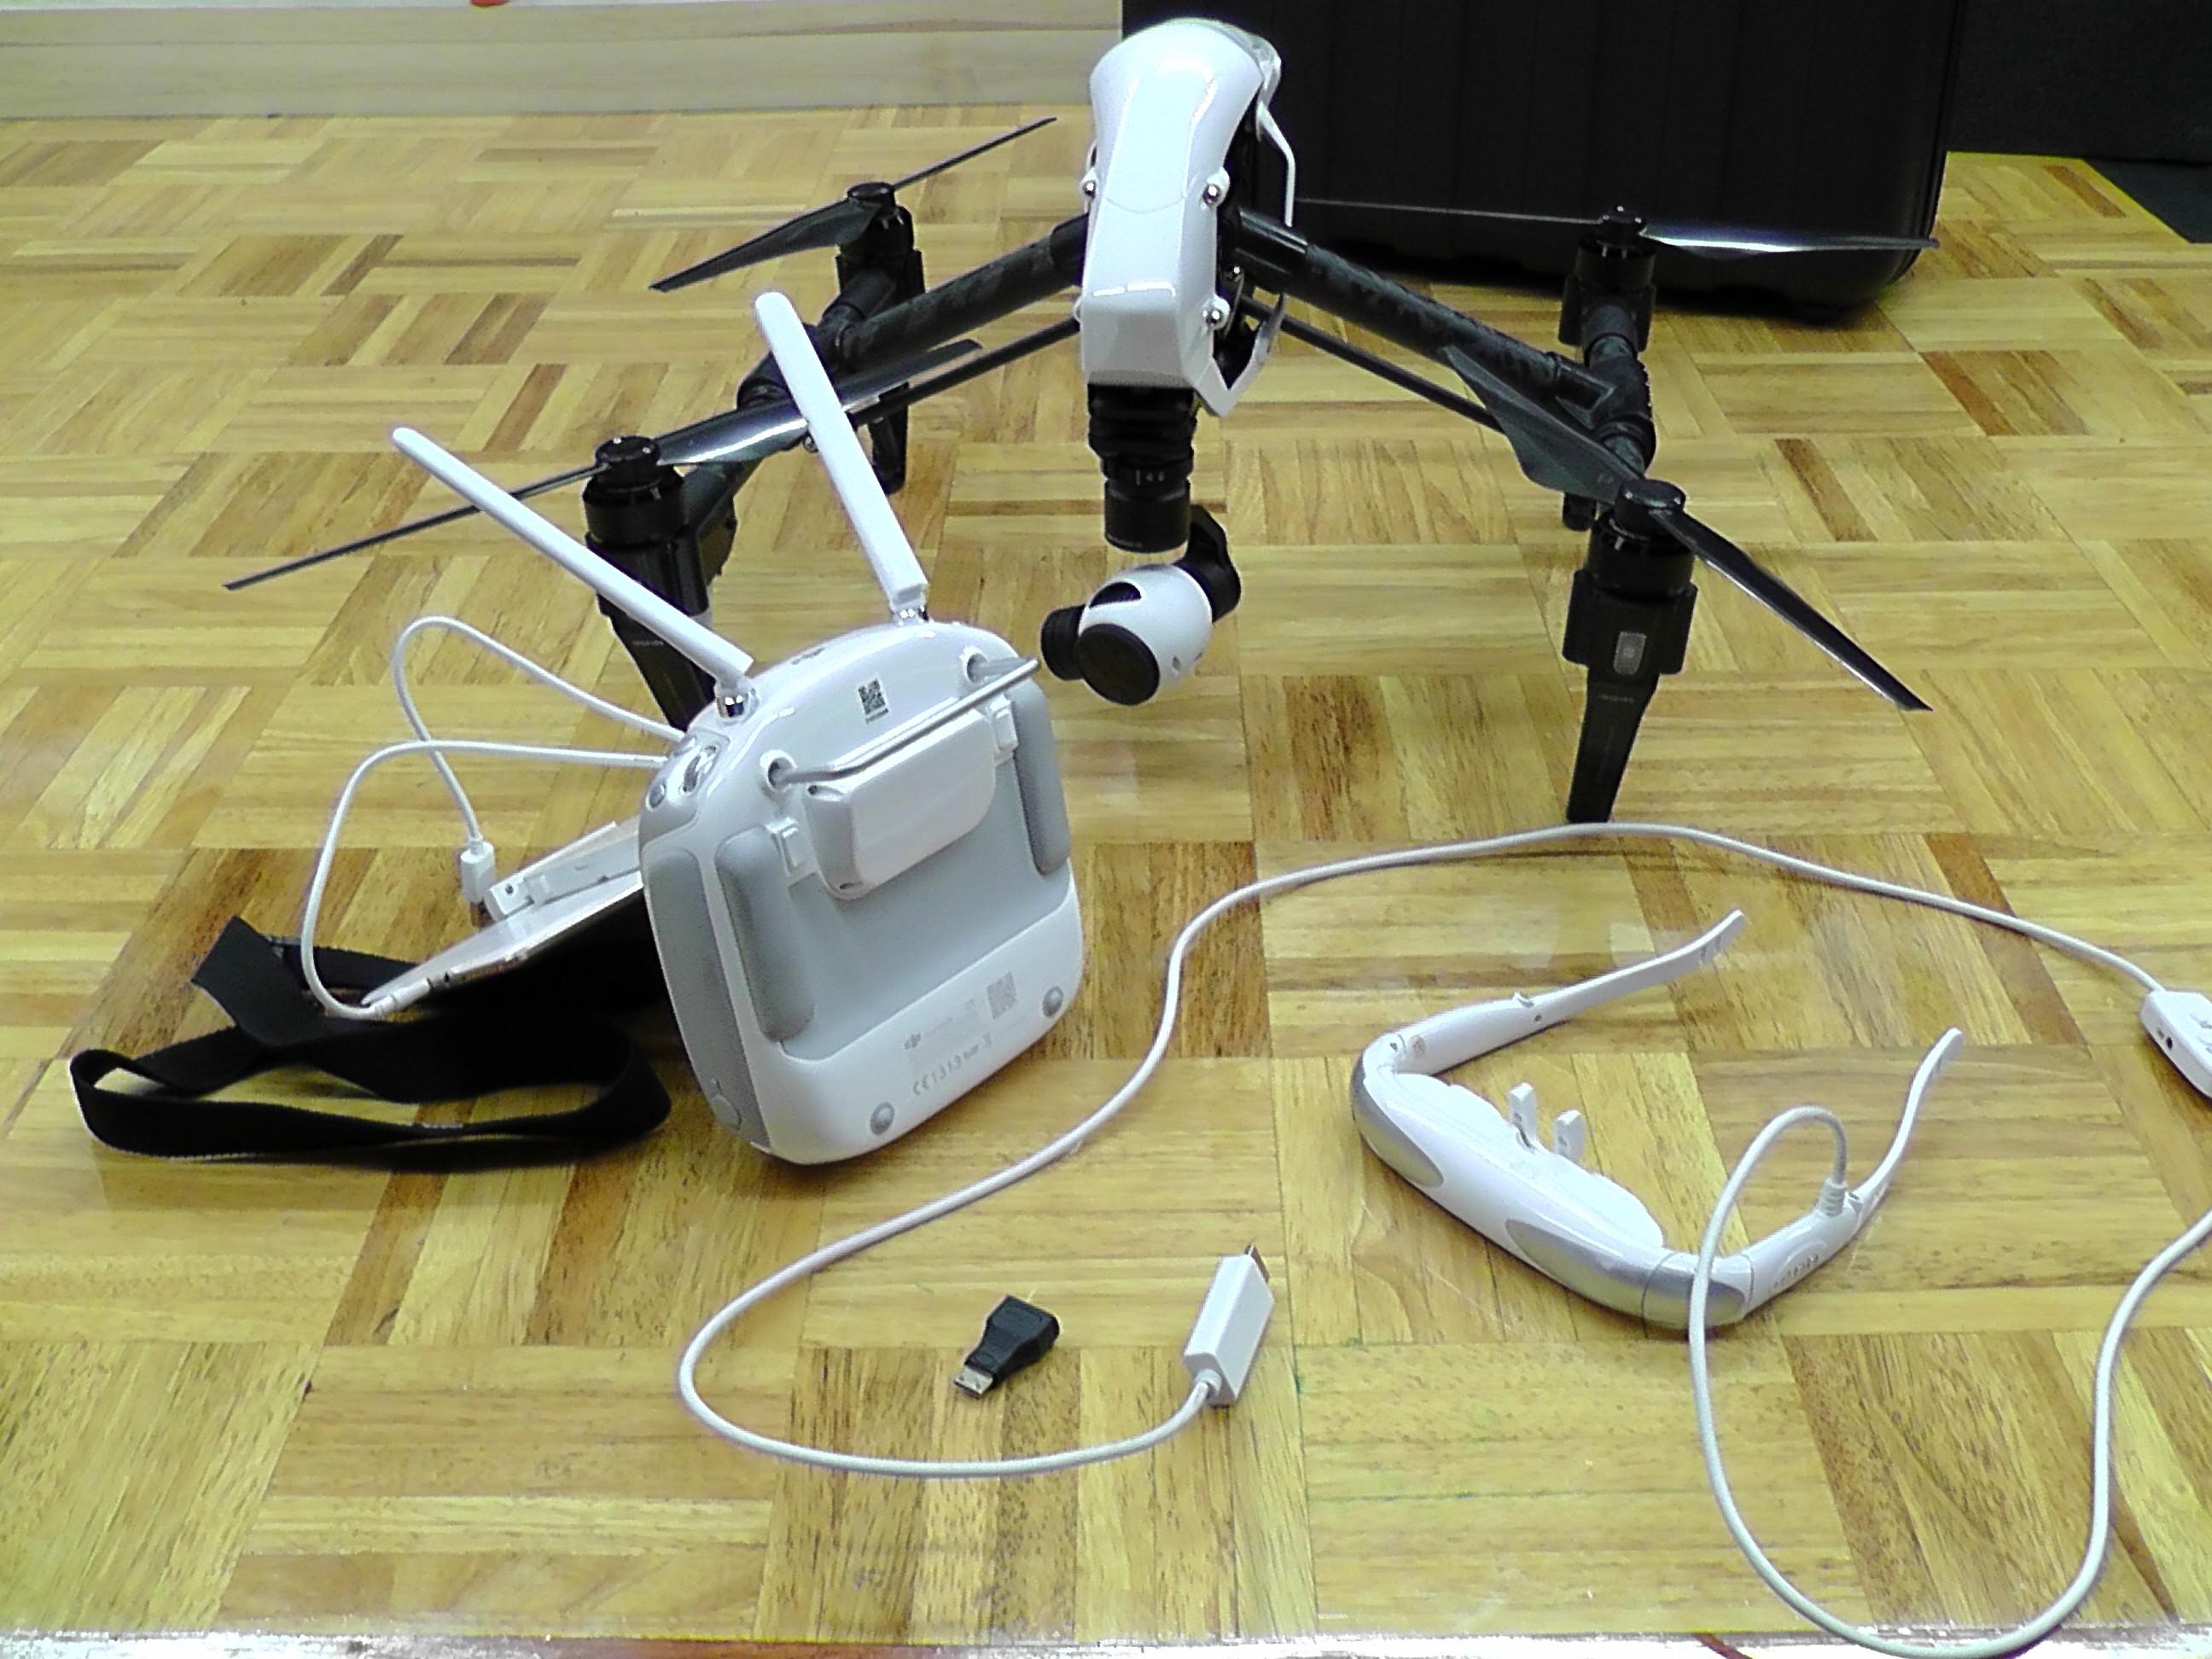 Goggles dji phantom 3 19 34 0 битрейт mavic air combo